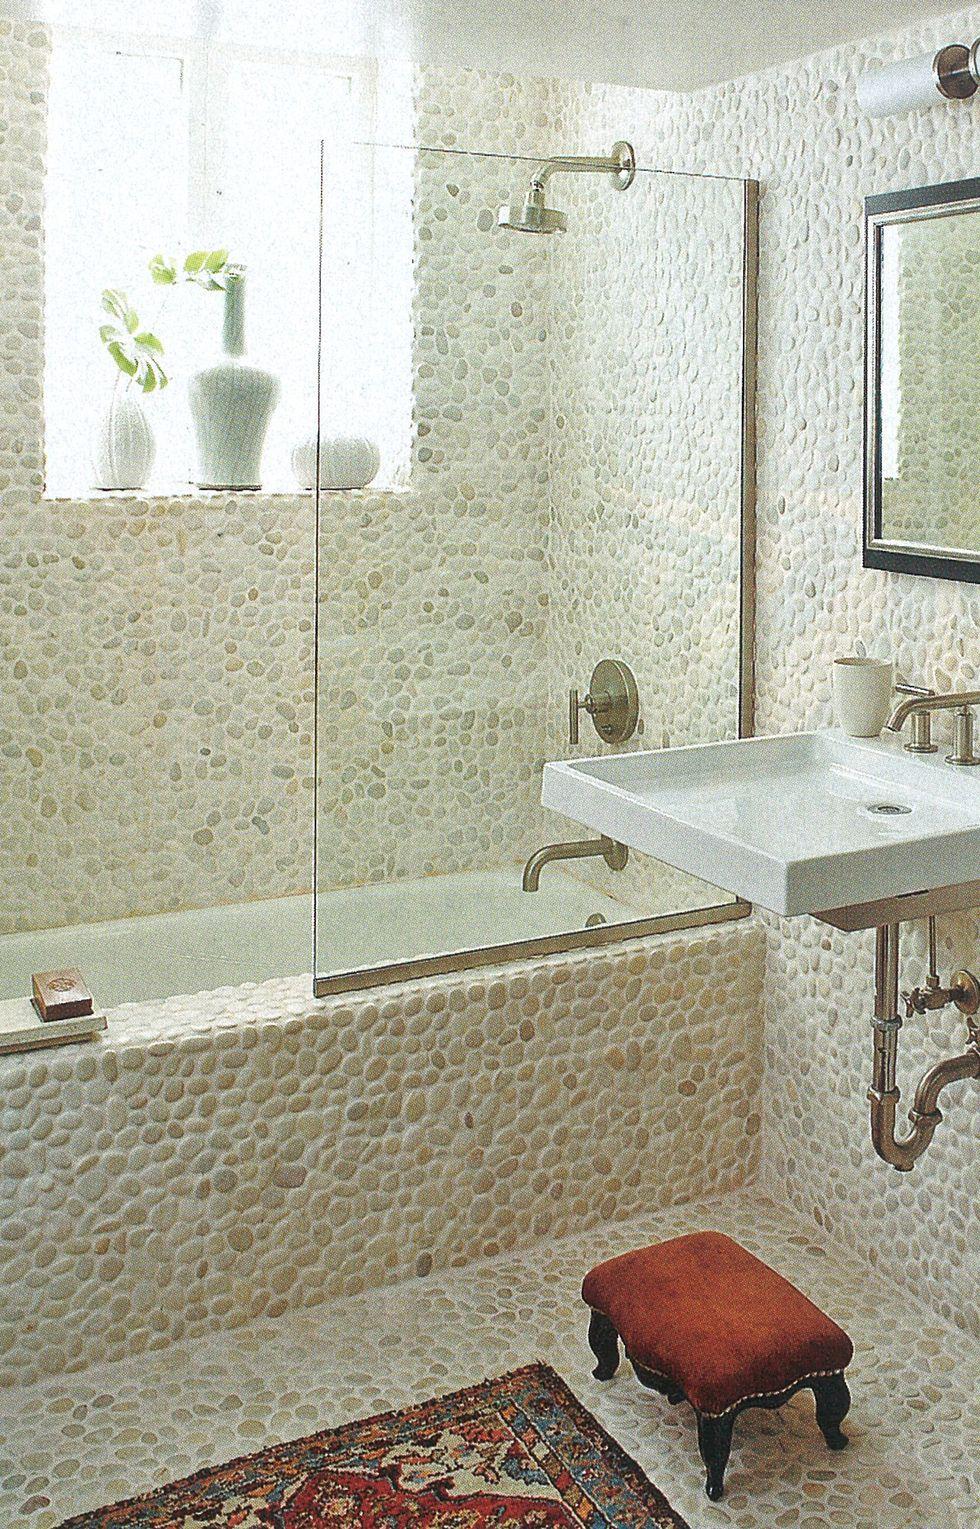 Bathtub Ideas small bathroom ideas XHUBYGW